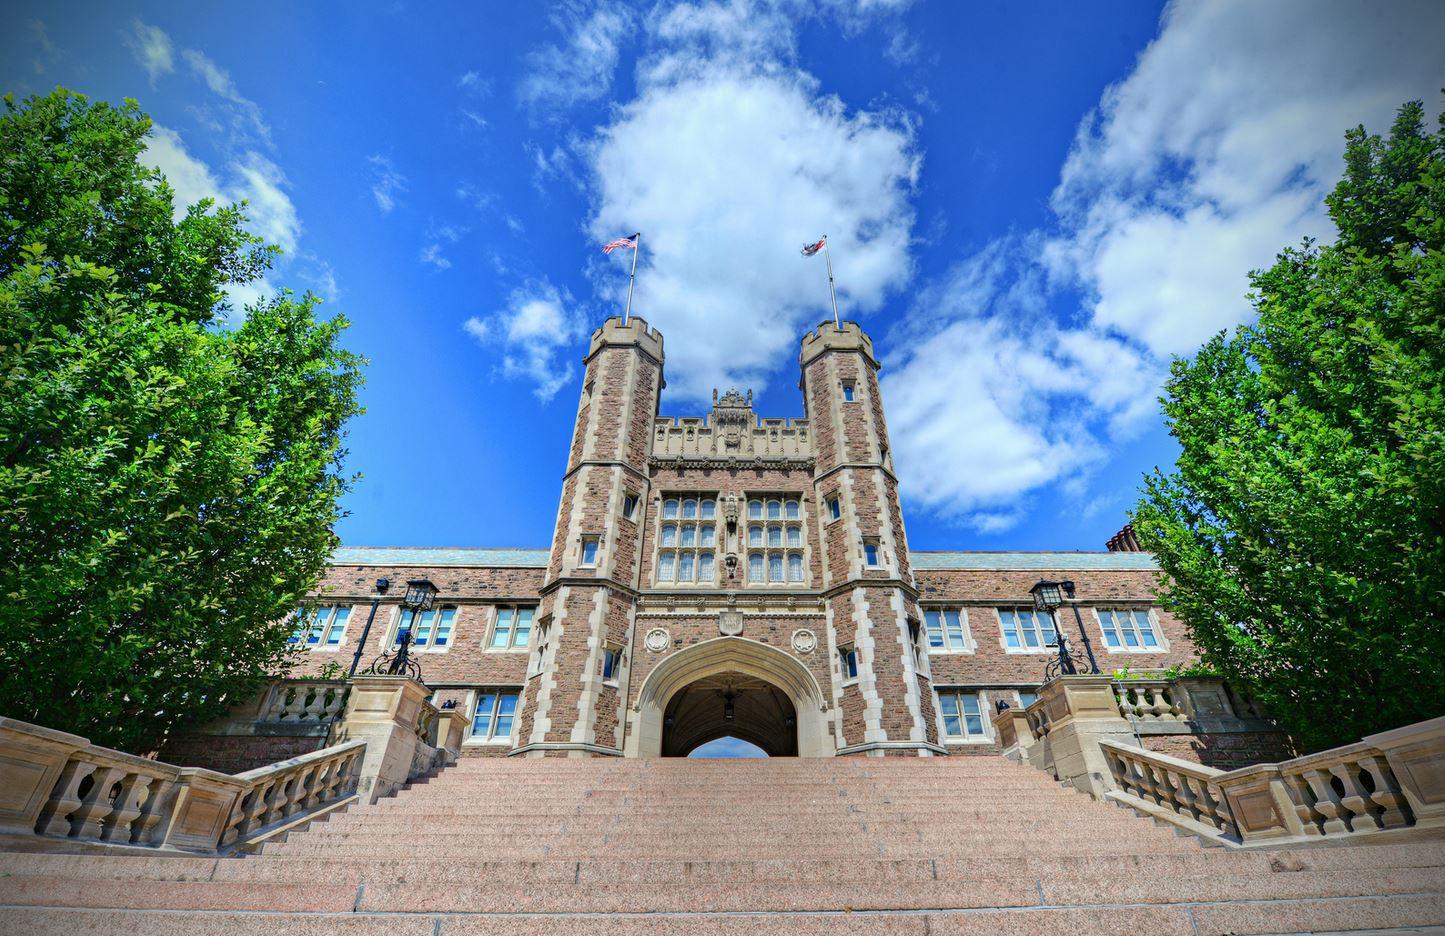 Washington University Image